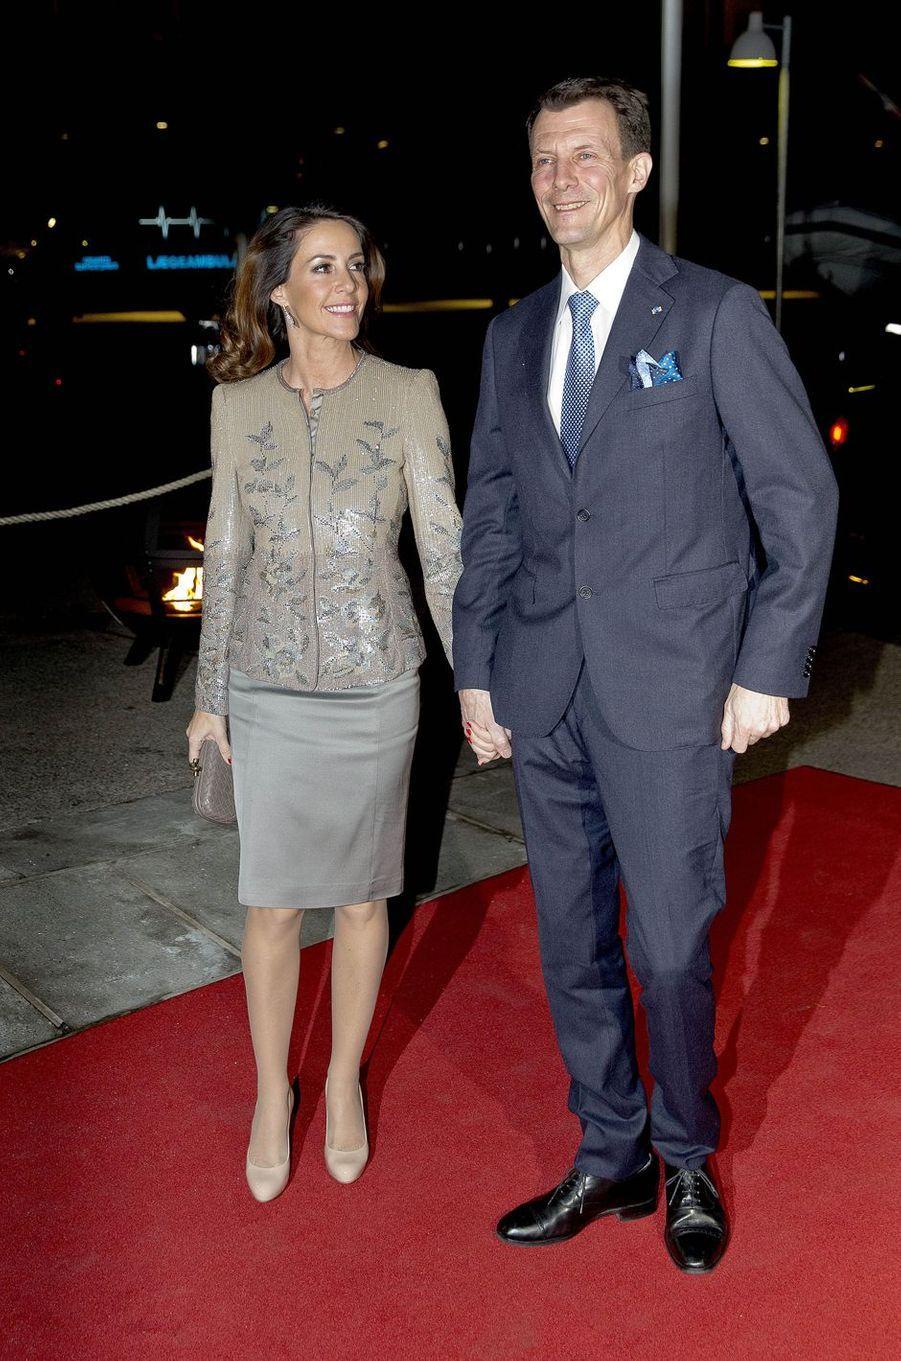 La princesse Marie et le prince Joachim de Danemark à Copenhague, le 25 janvier 2017